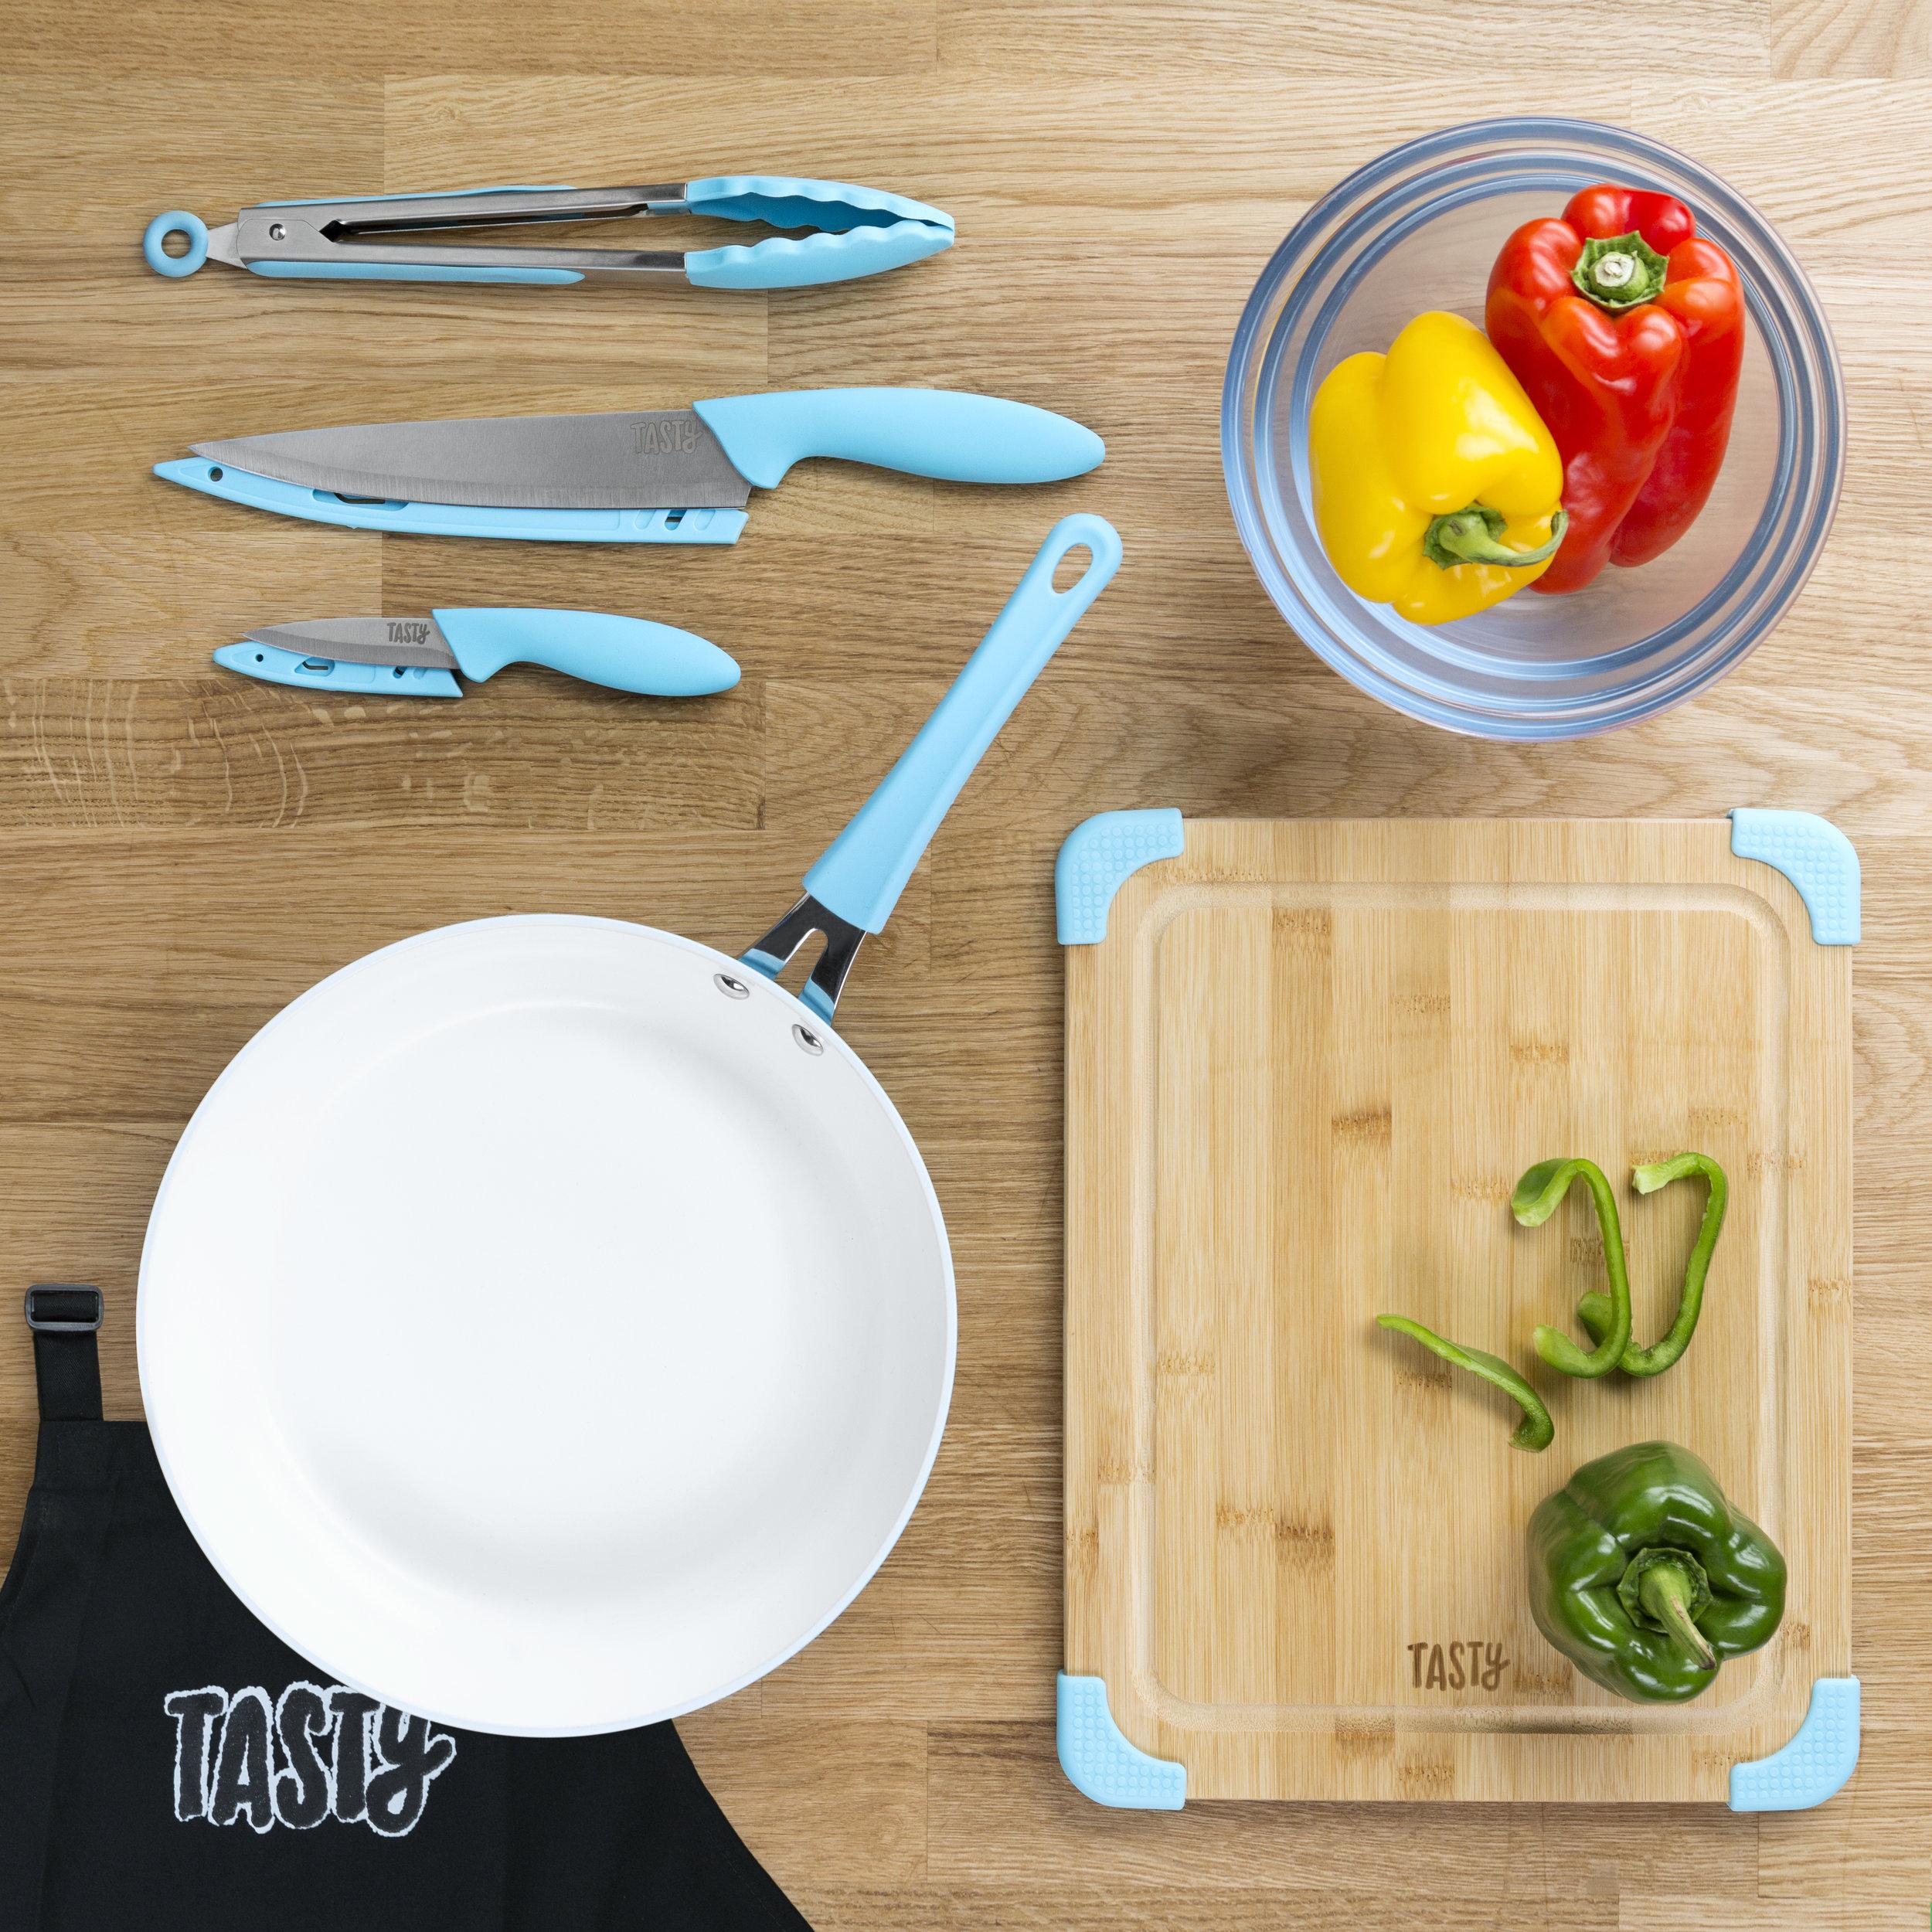 Tasty-Kits-Lifetsyle-7460.jpg